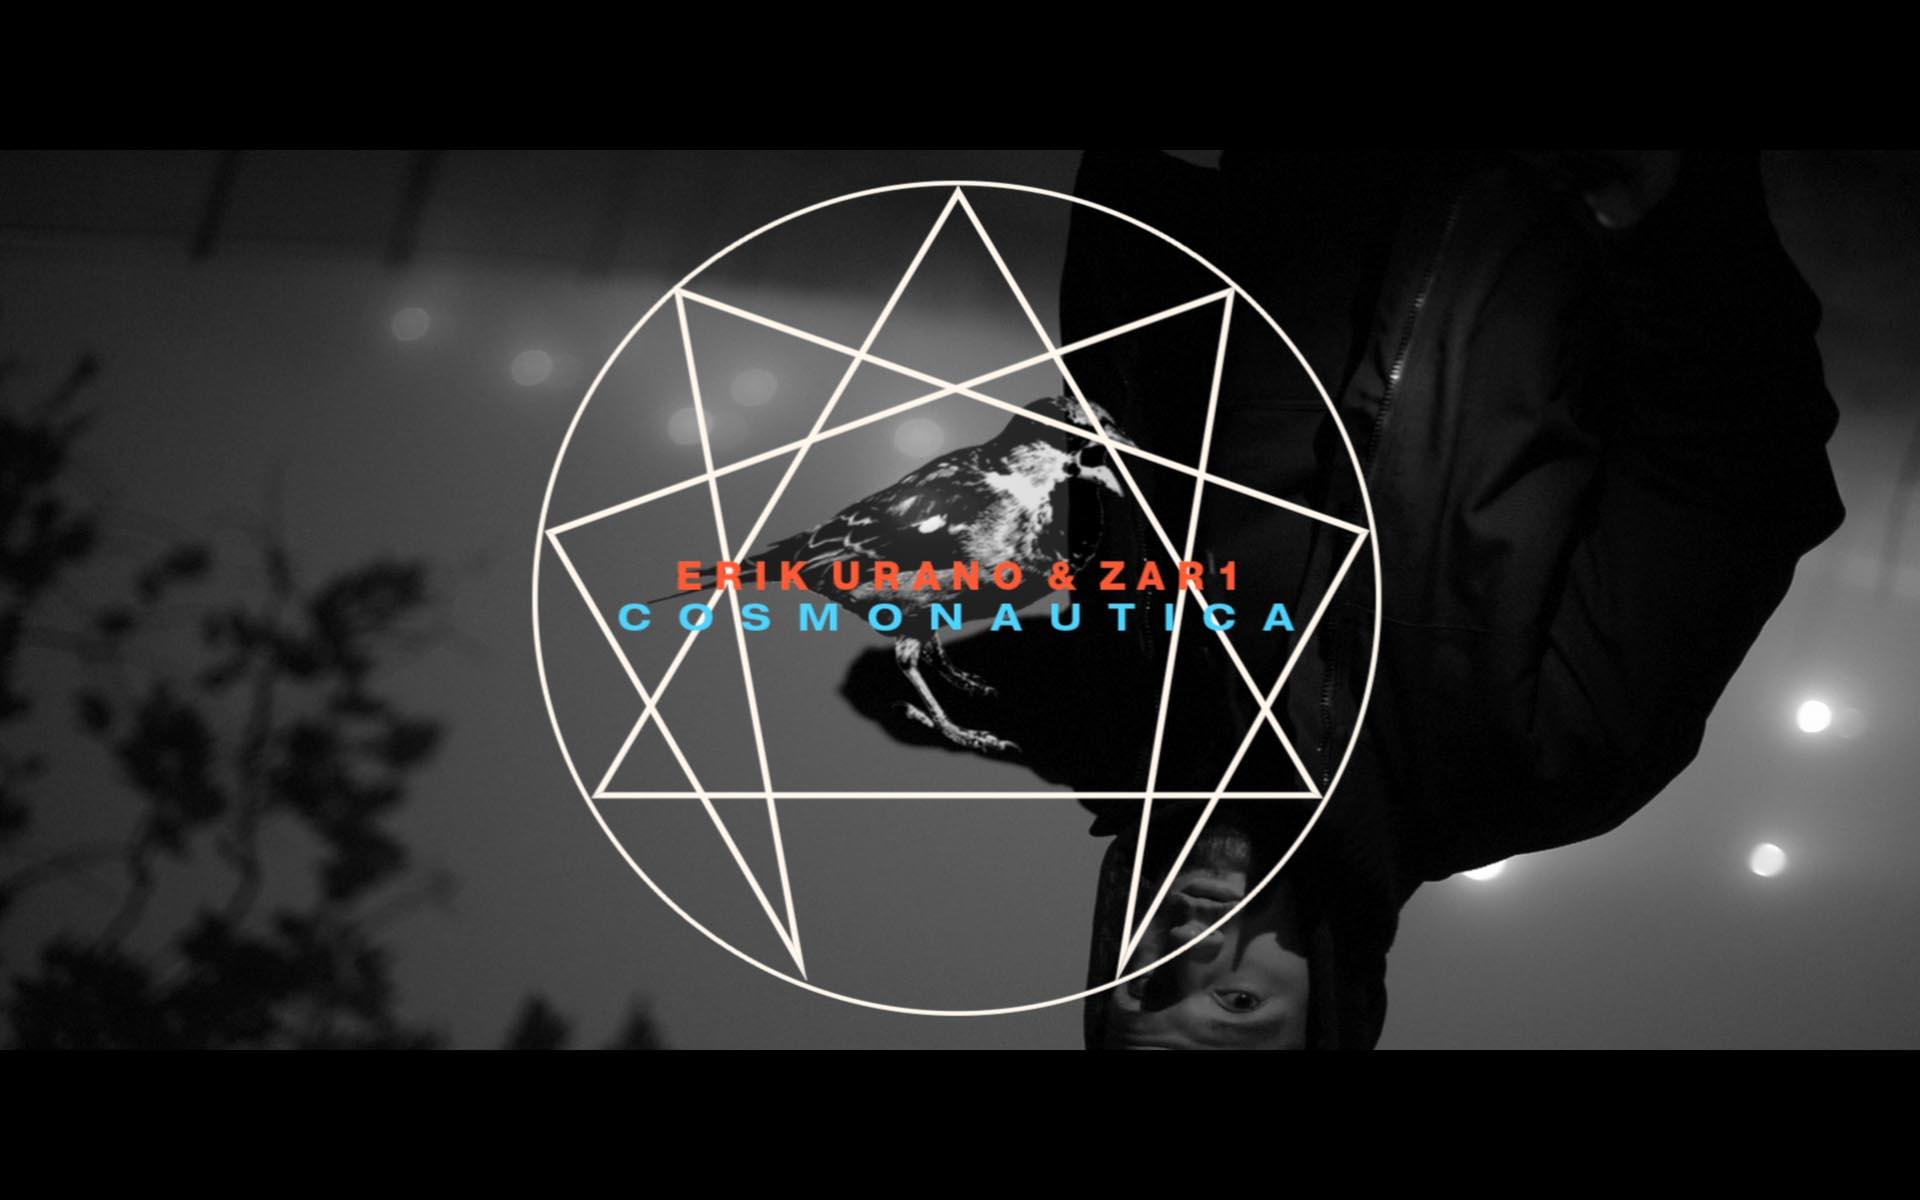 02_videoclip gorriones_72dpi